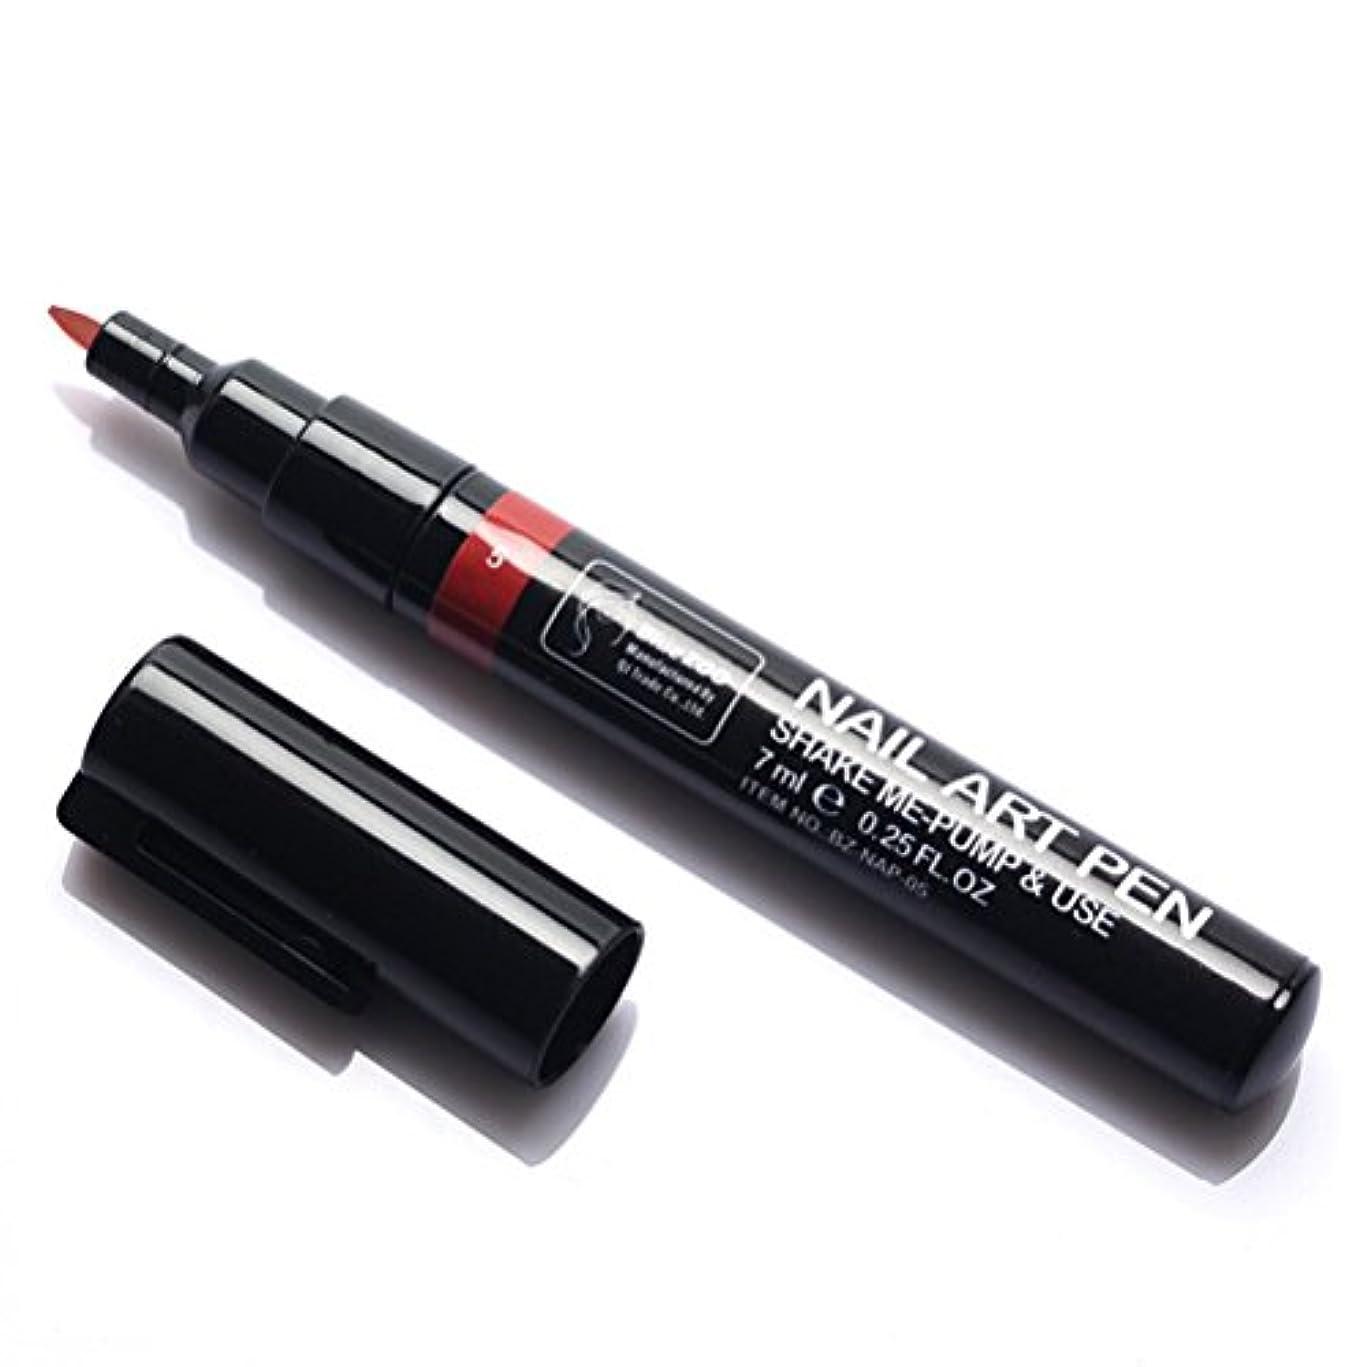 フロント代表団パーセント(メイクアップエーシーシー) MakeupAcc カラーネイルアートペン 3Dネイルペン ネイルアートペン ネイルマニキュア液 ペイントペン ペイント 両用 DIY 16色 (赤い) [並行輸入品]